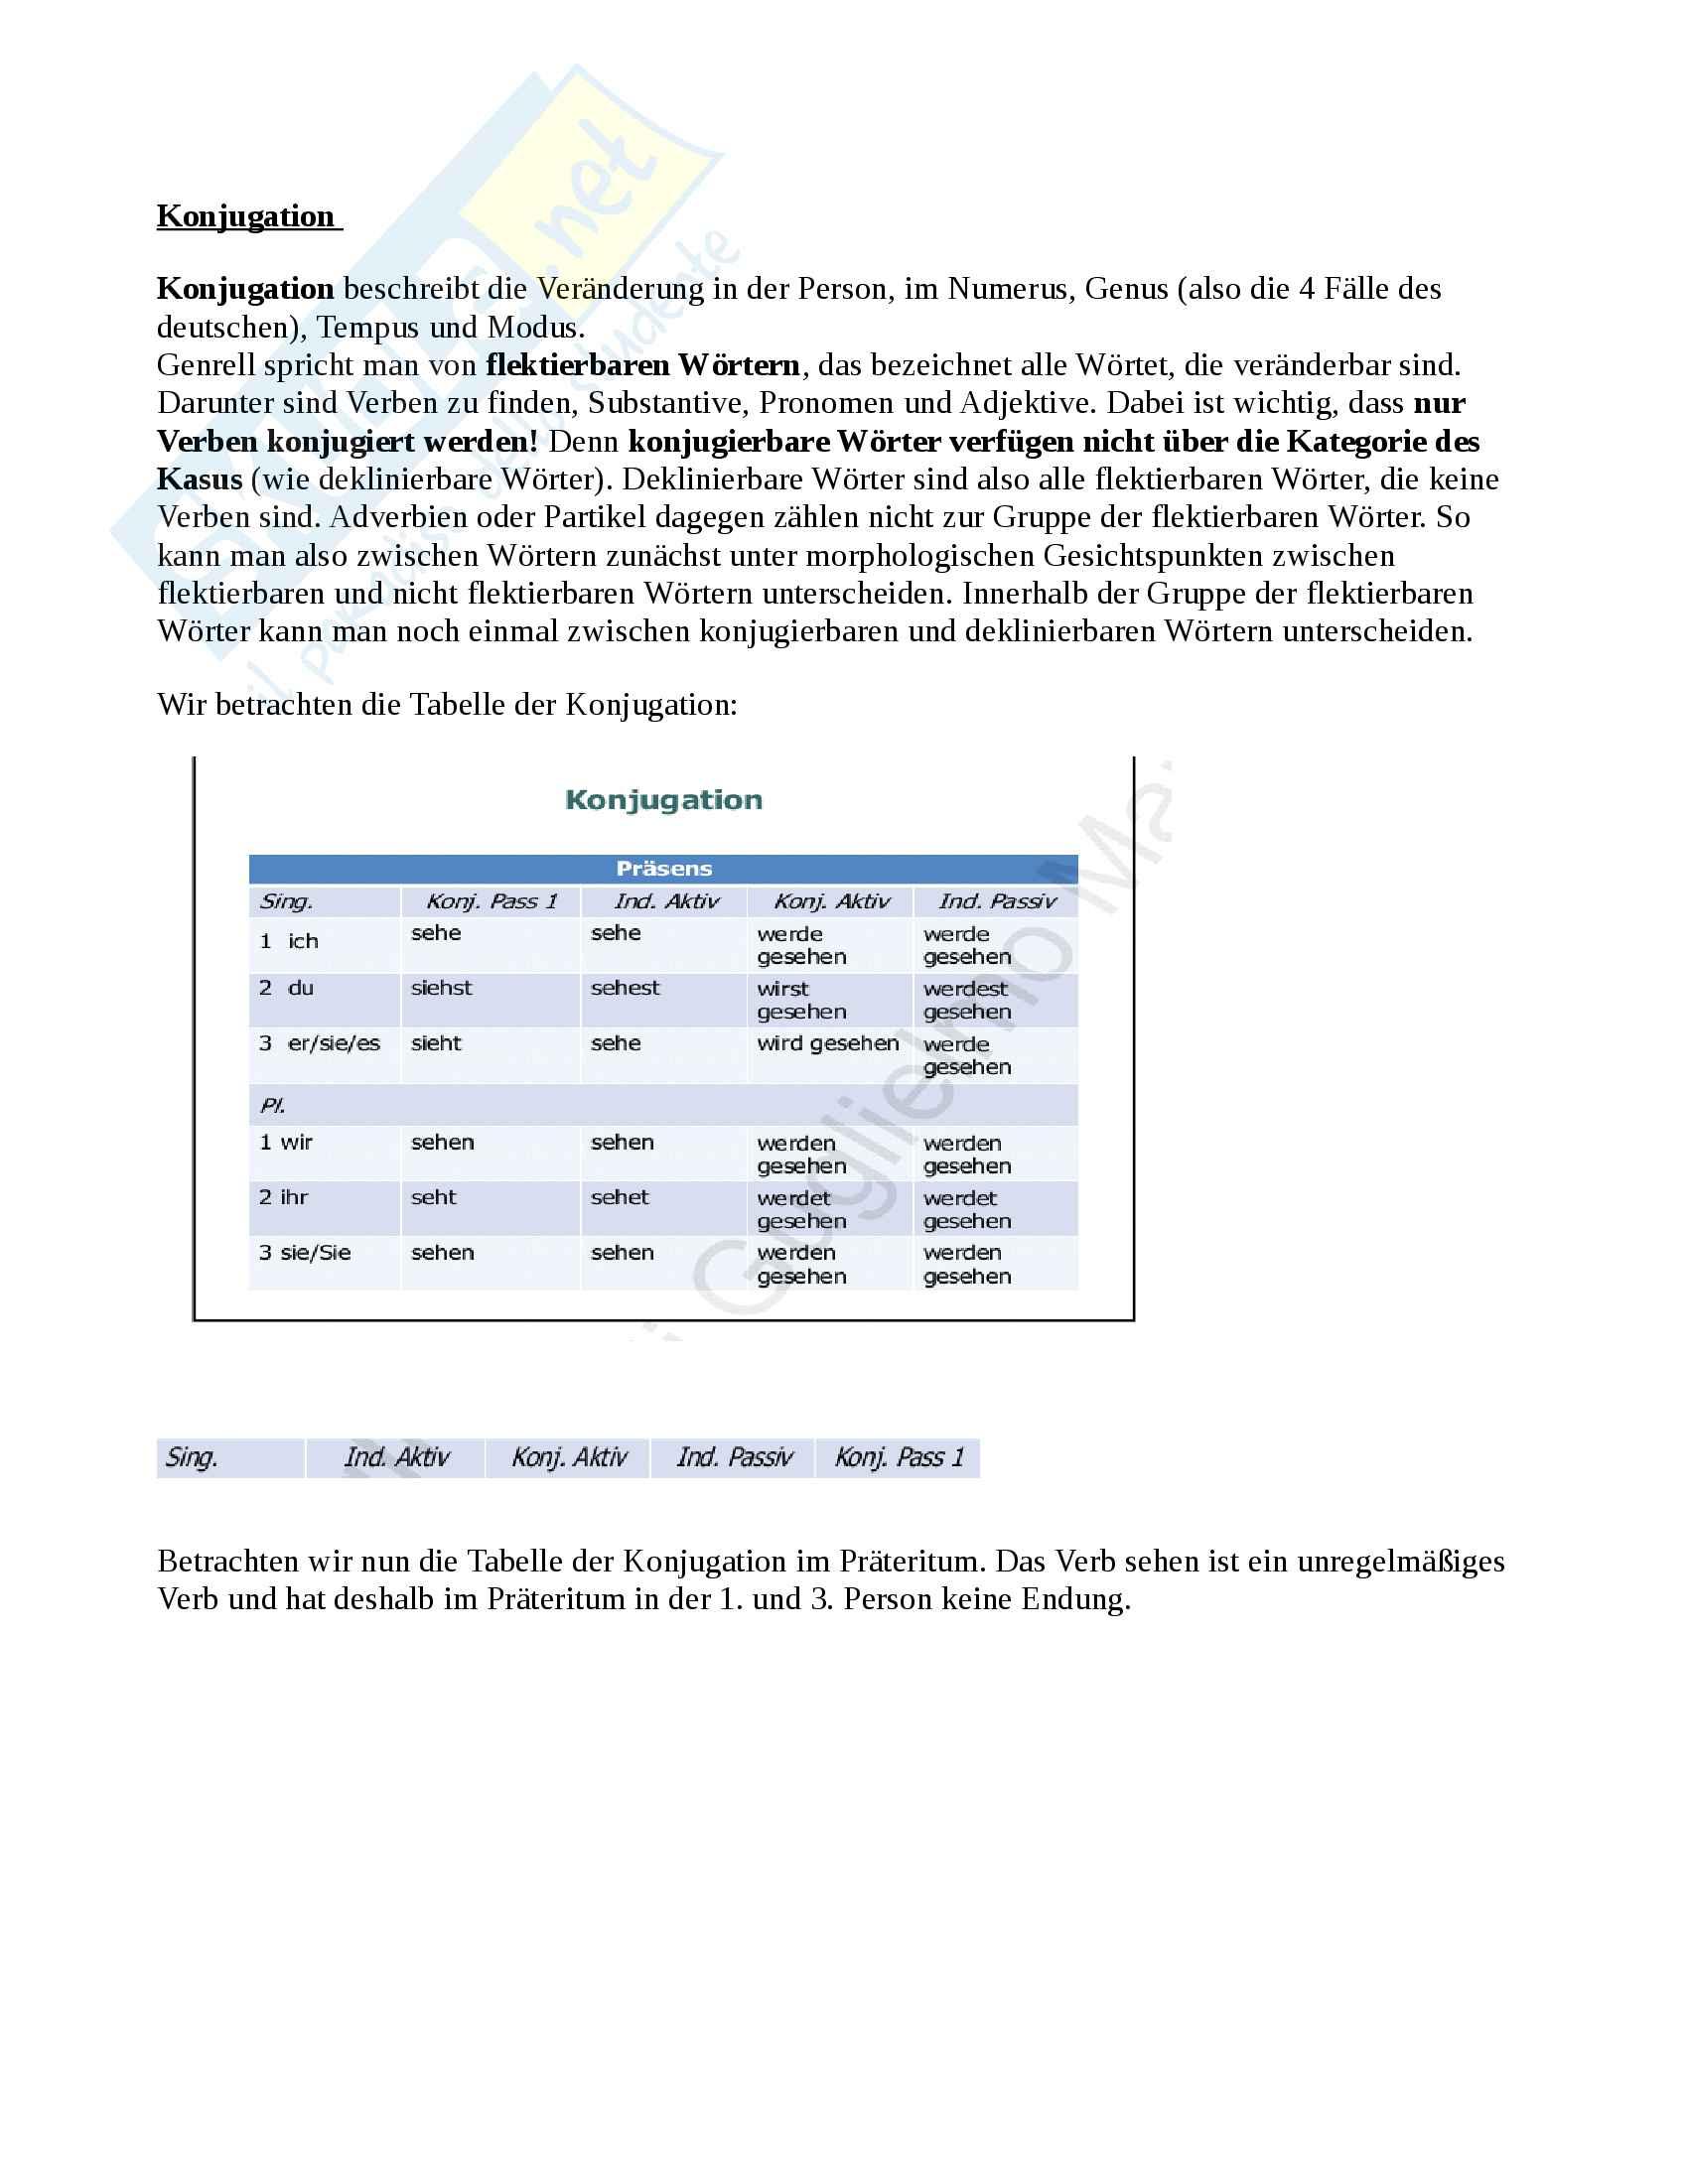 Tedesco, verbo, modi, tempi e coniugazione